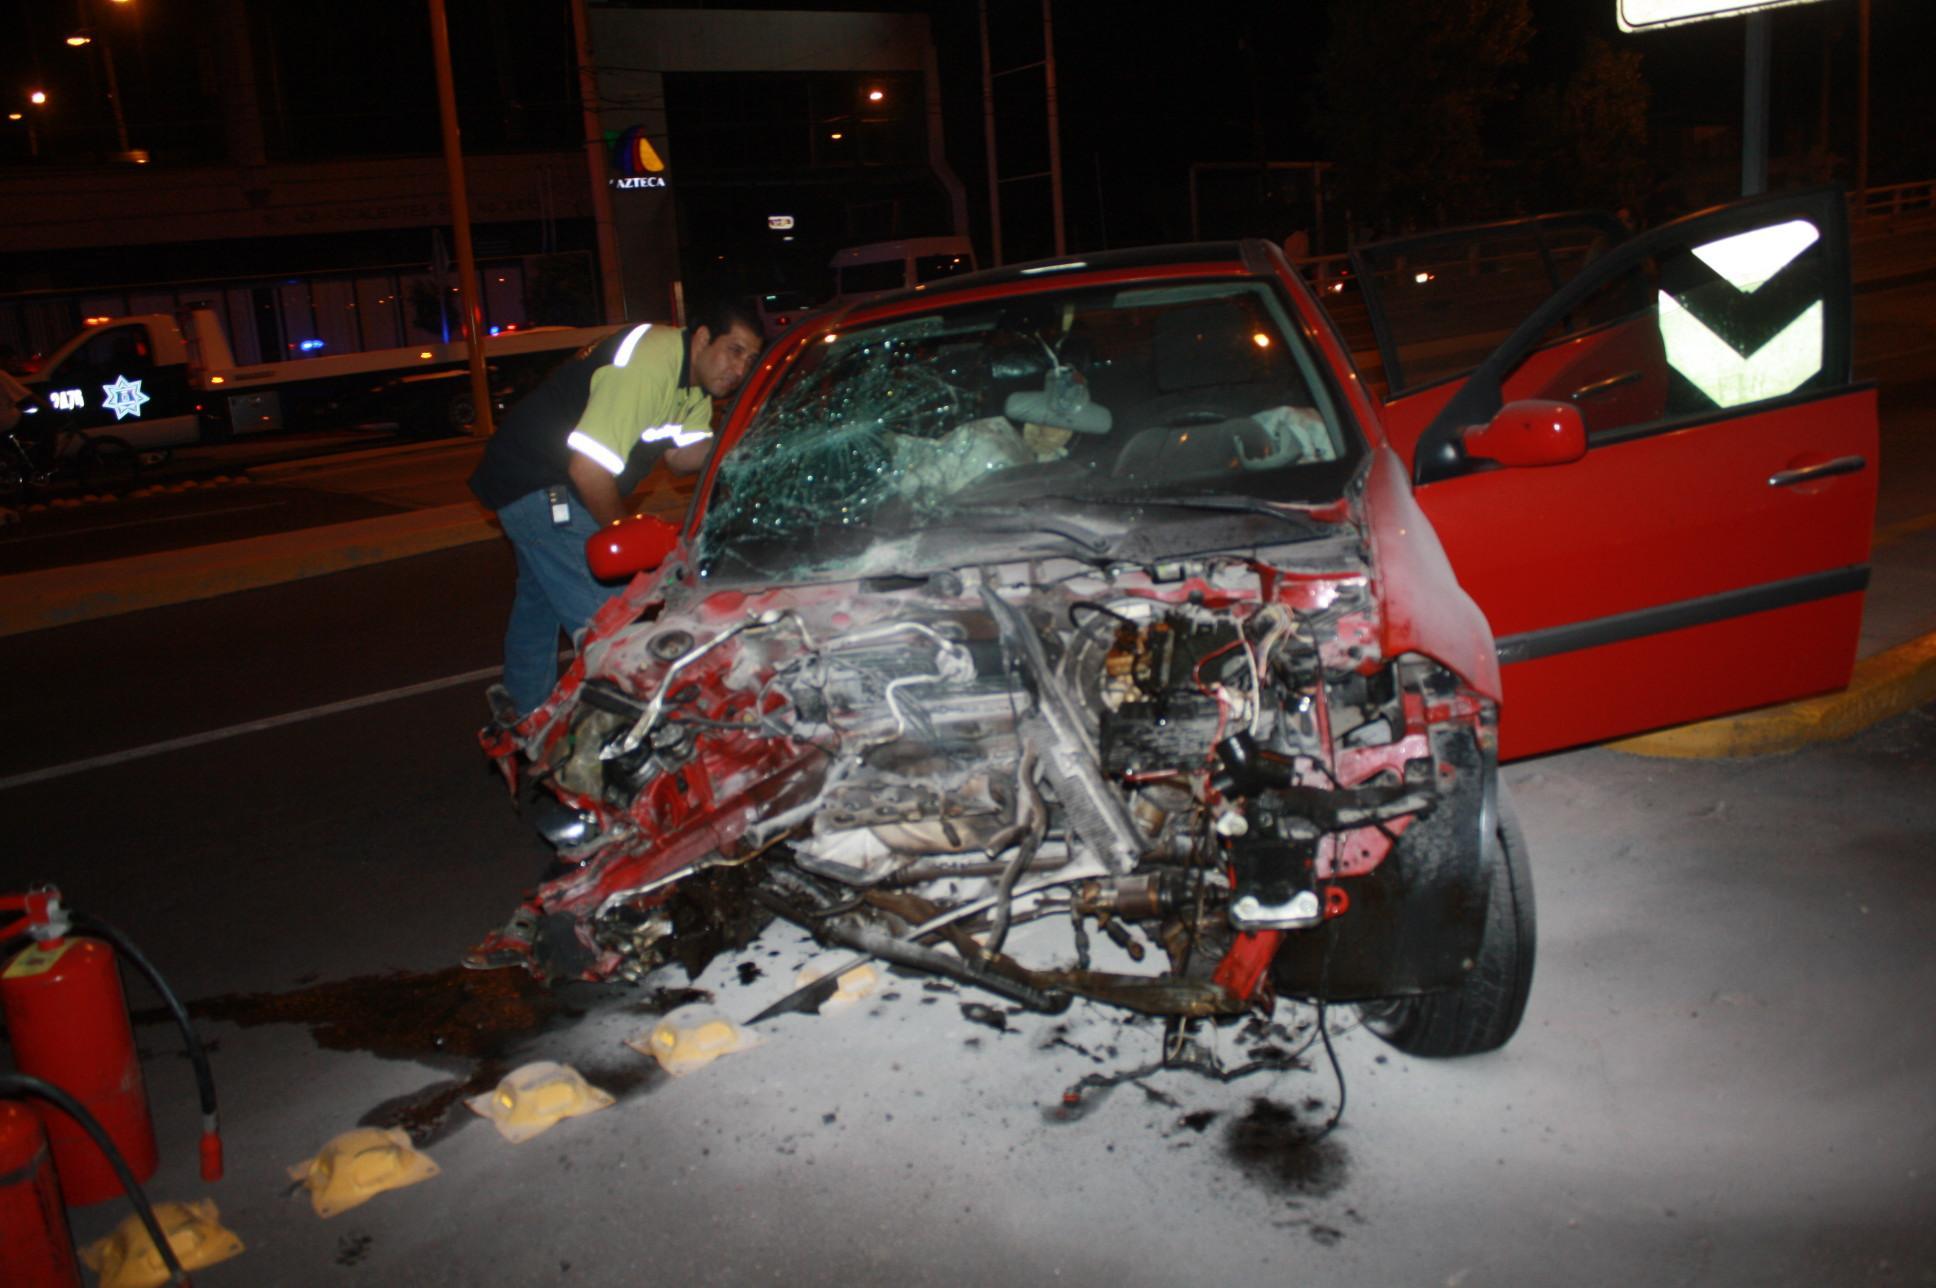 6.94 accidentes viales se presentan al día este año en Aguascalientes